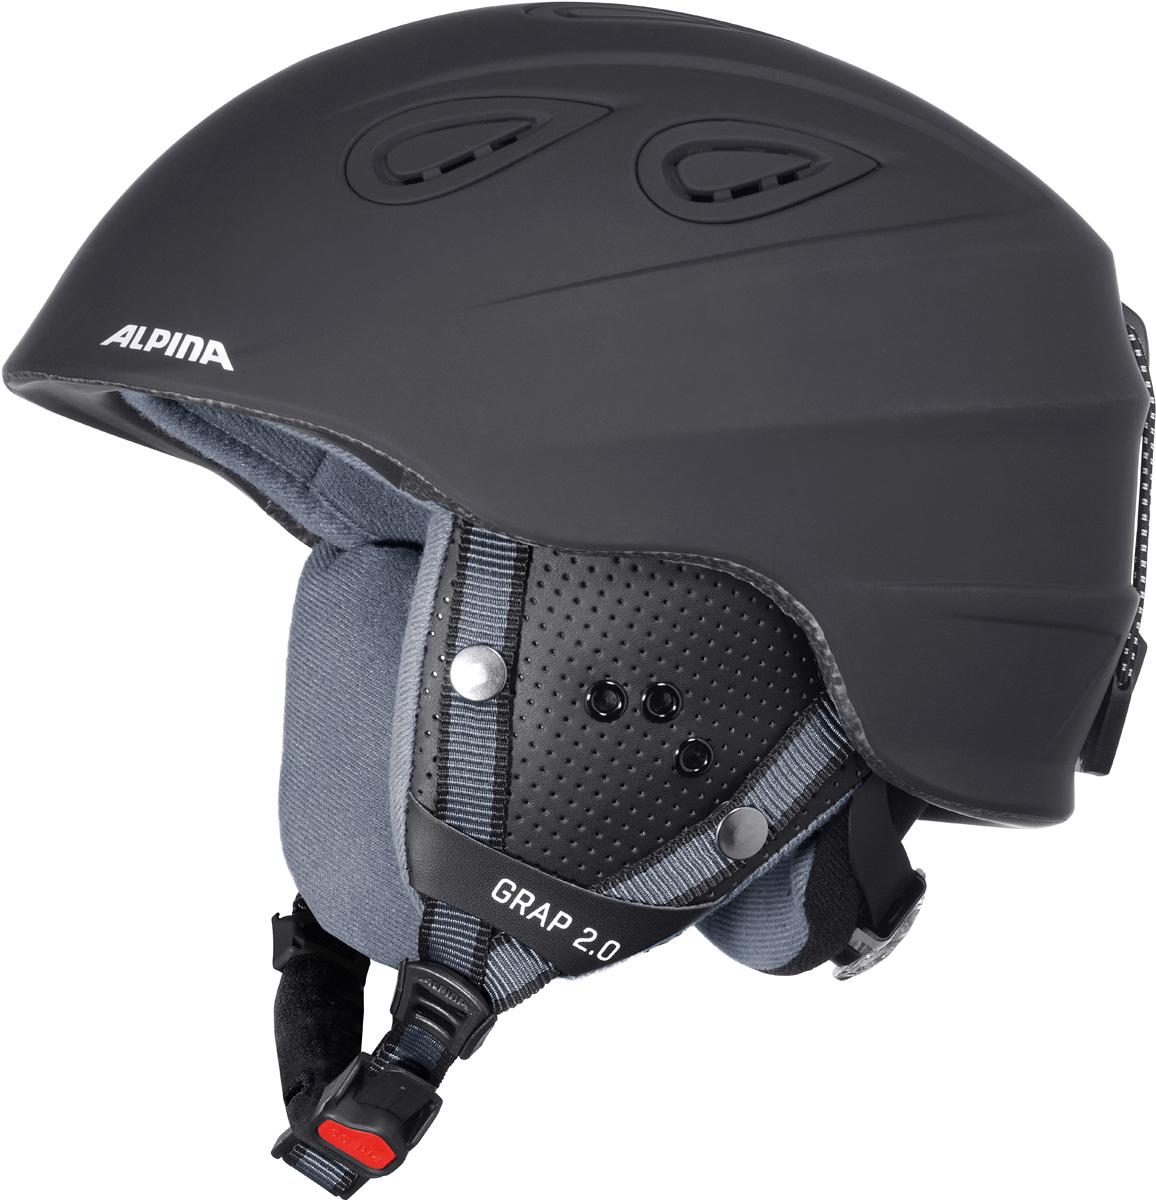 Шлем горнолыжный Alpina Grap 2.0, цвет: черный. A9085_33. Размер 61-64A9085_33Во всем мире популярность горнолыжного шлема Grap лишь набирает обороты. Alpina представляет обновленную версию самой продаваемой модели. Шлем Grap 2.0 сохранил отличительные особенности предыдущей модели и приобрел новые, за которые его выбирают райдеры по всему миру. Универсальность, легкость и прочность сделали его обязательным элементом экипировки любителей горнолыжного спорта. Модель также представлена в детской линейке шлемов. Технологии: Конструкция In-Mold - соединение внутреннего слоя из EPS (вспененного полистирола) с внешним покрытием под большим давлением в условиях высокой температуры. В результате внешняя поликарбонатная оболочка сохраняет форму конструкции, предотвращая поломку и попадание осколков внутрь шлема, а внутренний слой Hi-EPS, состоящий из множества наполненных воздухом гранул, амортизирует ударную волну, защищая голову райдера от повреждений. Внешнее покрытие Ceramic Shell обеспечивает повышенную ударопрочность и износостойкость, а также обладает защитой от УФ-излучений, препятствующей выгоранию на солнце, и антистатичными свойствами. Съемный внутренний тканевый слой. Подкладку можно постирать и легко вставить обратно. Своевременный уход за внутренником предотвращает появление неприятного запаха. Вентиляционная система с раздвижным механизмом с возможностью регулировки интенсивности потока воздуха. Классическая система регулировки в шлемах Alpina Run System с регулировочным кольцом на затылке позволяет быстро и легко подобрать оптимальную и комфортную плотность посадки на голове. Съемные ушки согревают в холодную погоду, а в теплую компактно хранятся в кармане куртки. Шейный воротник из микрофлиса в задней части шлема быстро согревает и не давит на шею. Ремешок фиксируется кнопкой с запирающим механизмом. Застежка максимально удобна для использования в перчатках. Система Edge Protect в конструкции шлема защищает голову горнолыжника при боковом ударе. Система Y-Cl